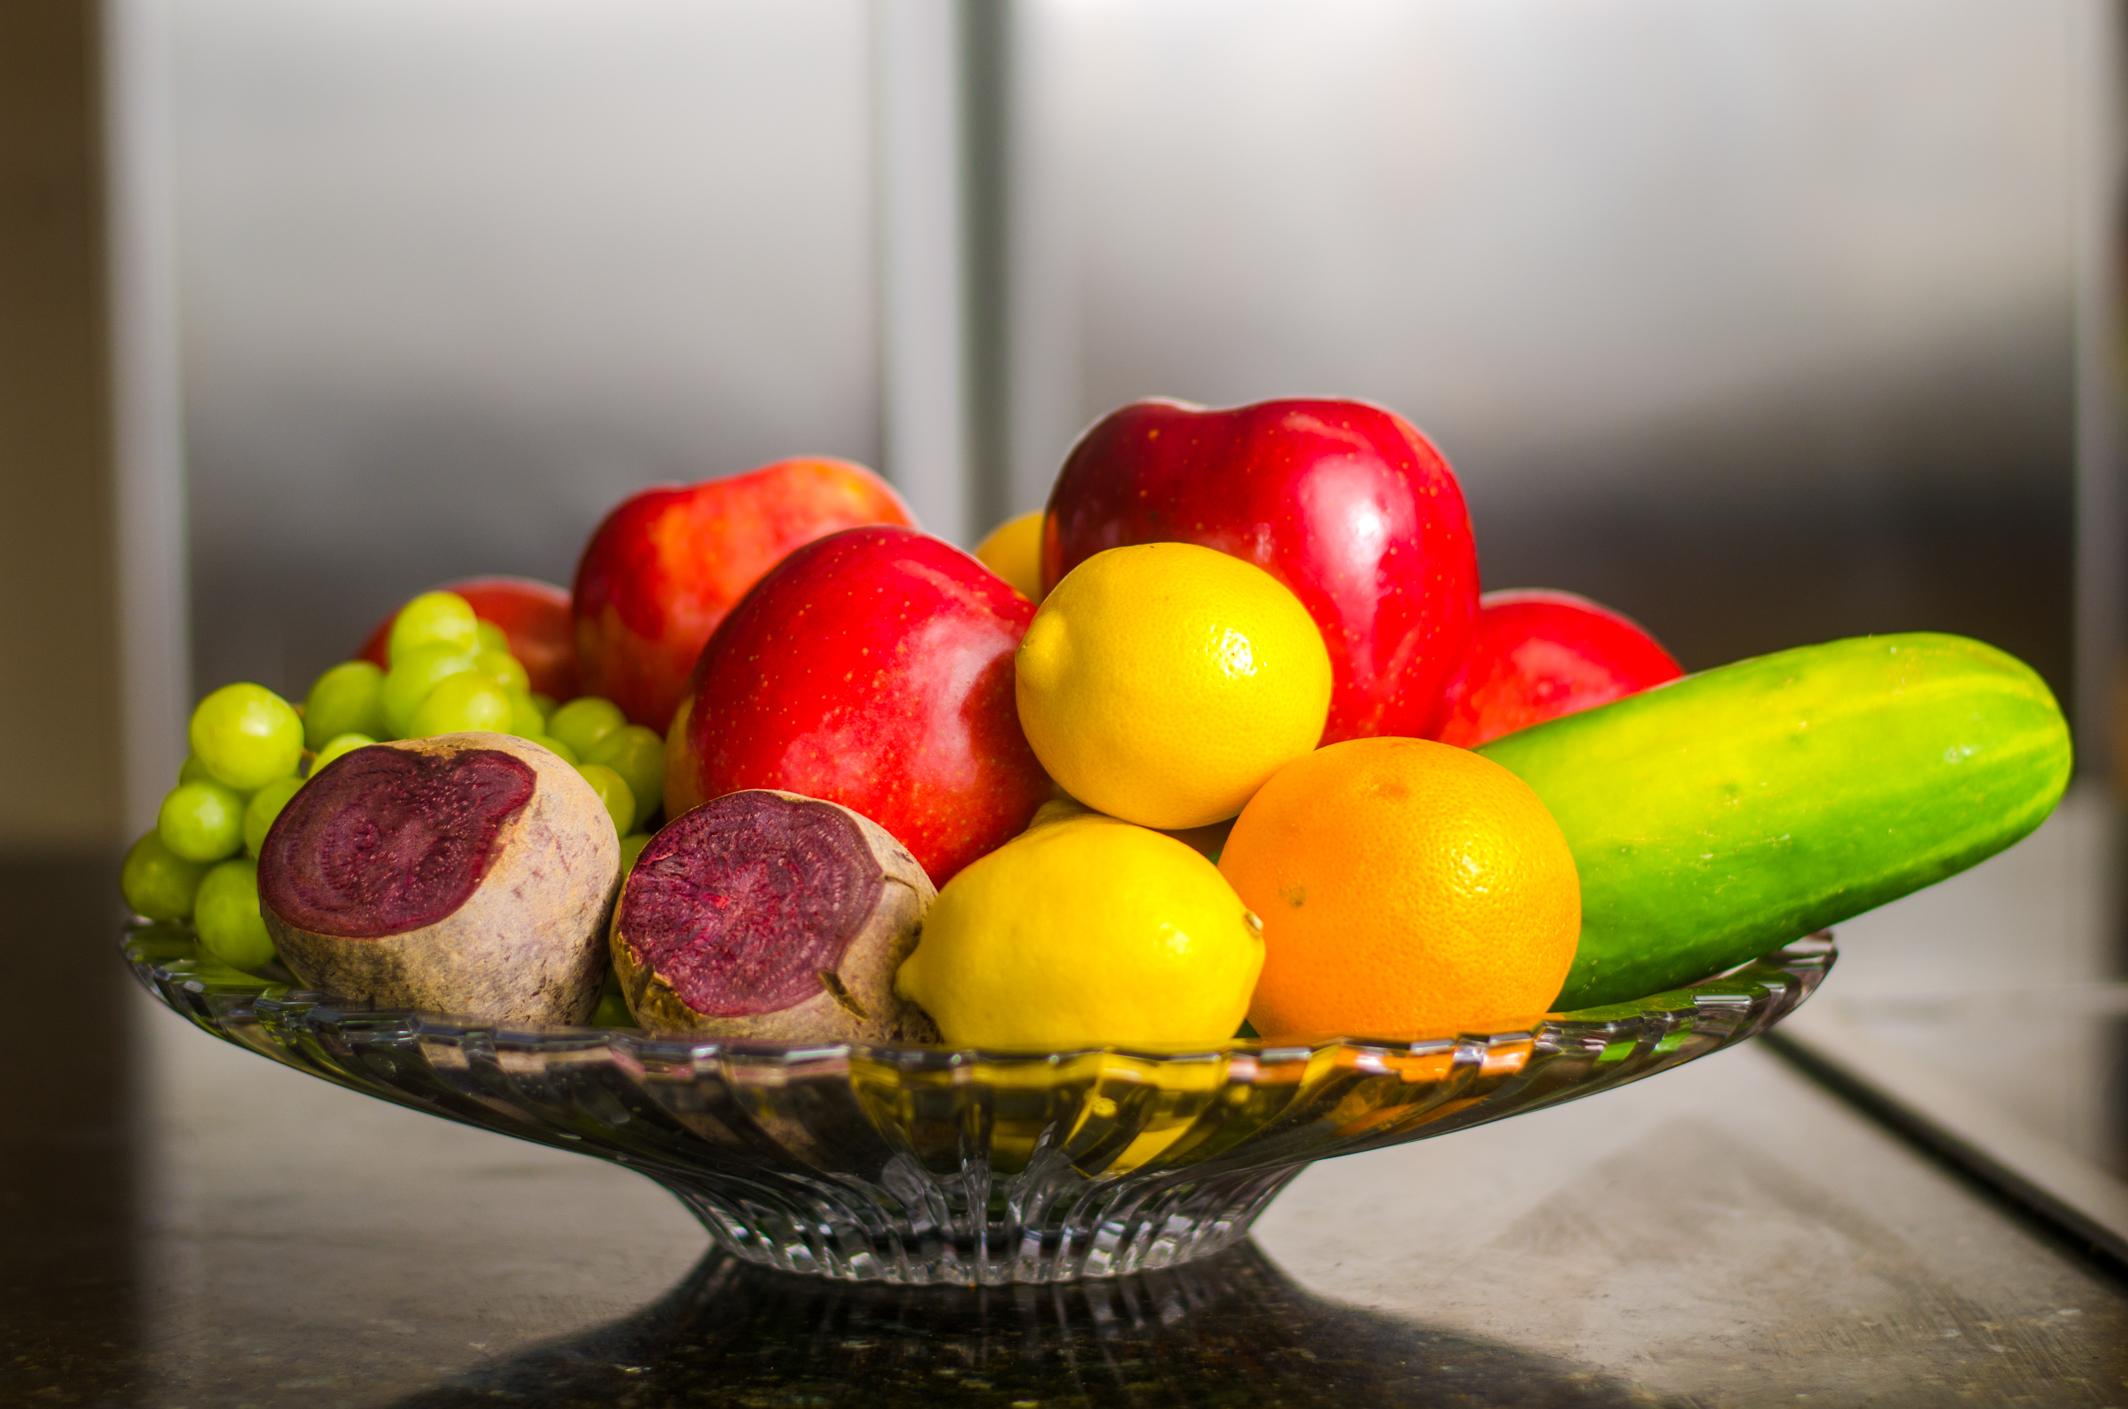 Foods, Veggies, Healthy Food stuffs, Healthy Veggies, Healthy Vegetables, Vegetables